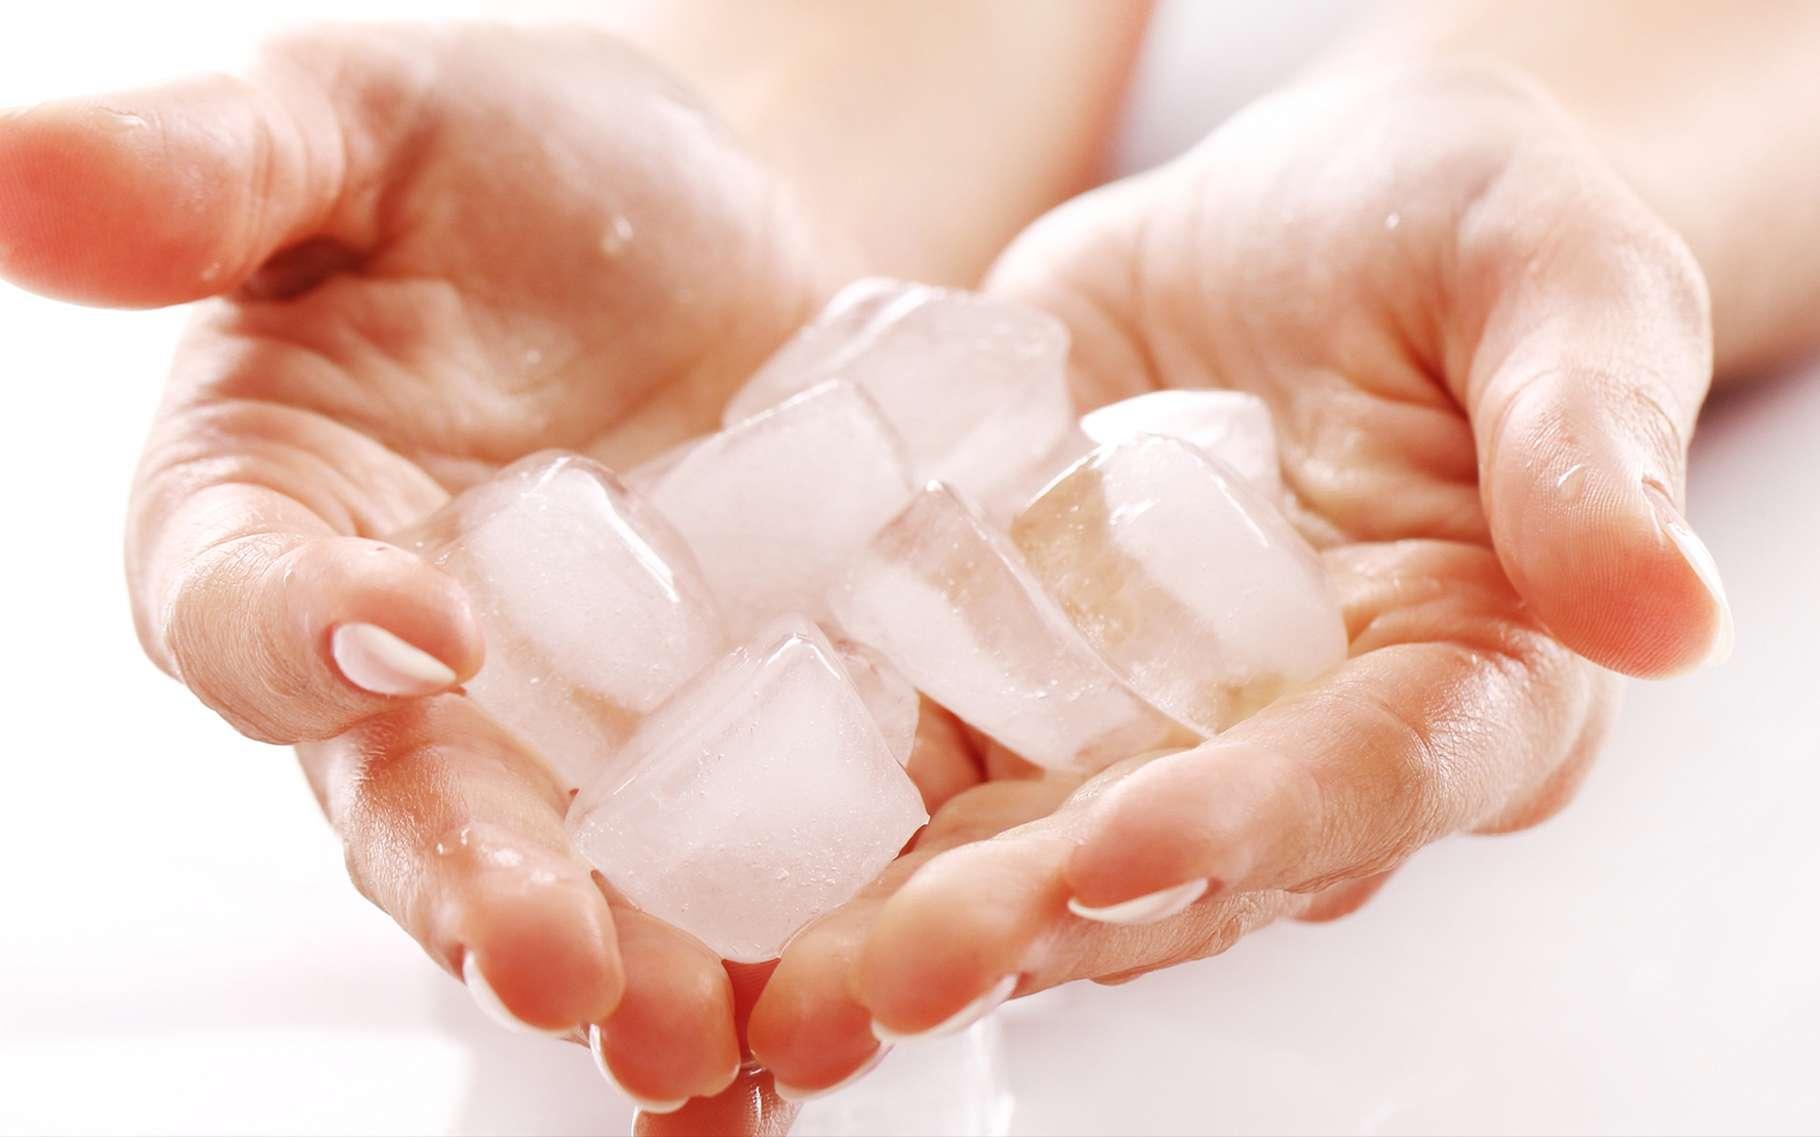 Les glaçons collent à la peau s'ils sont suffisamment froids et que les doigts sont légèrement humides. © Yeko Photo Studio, Shutterstock